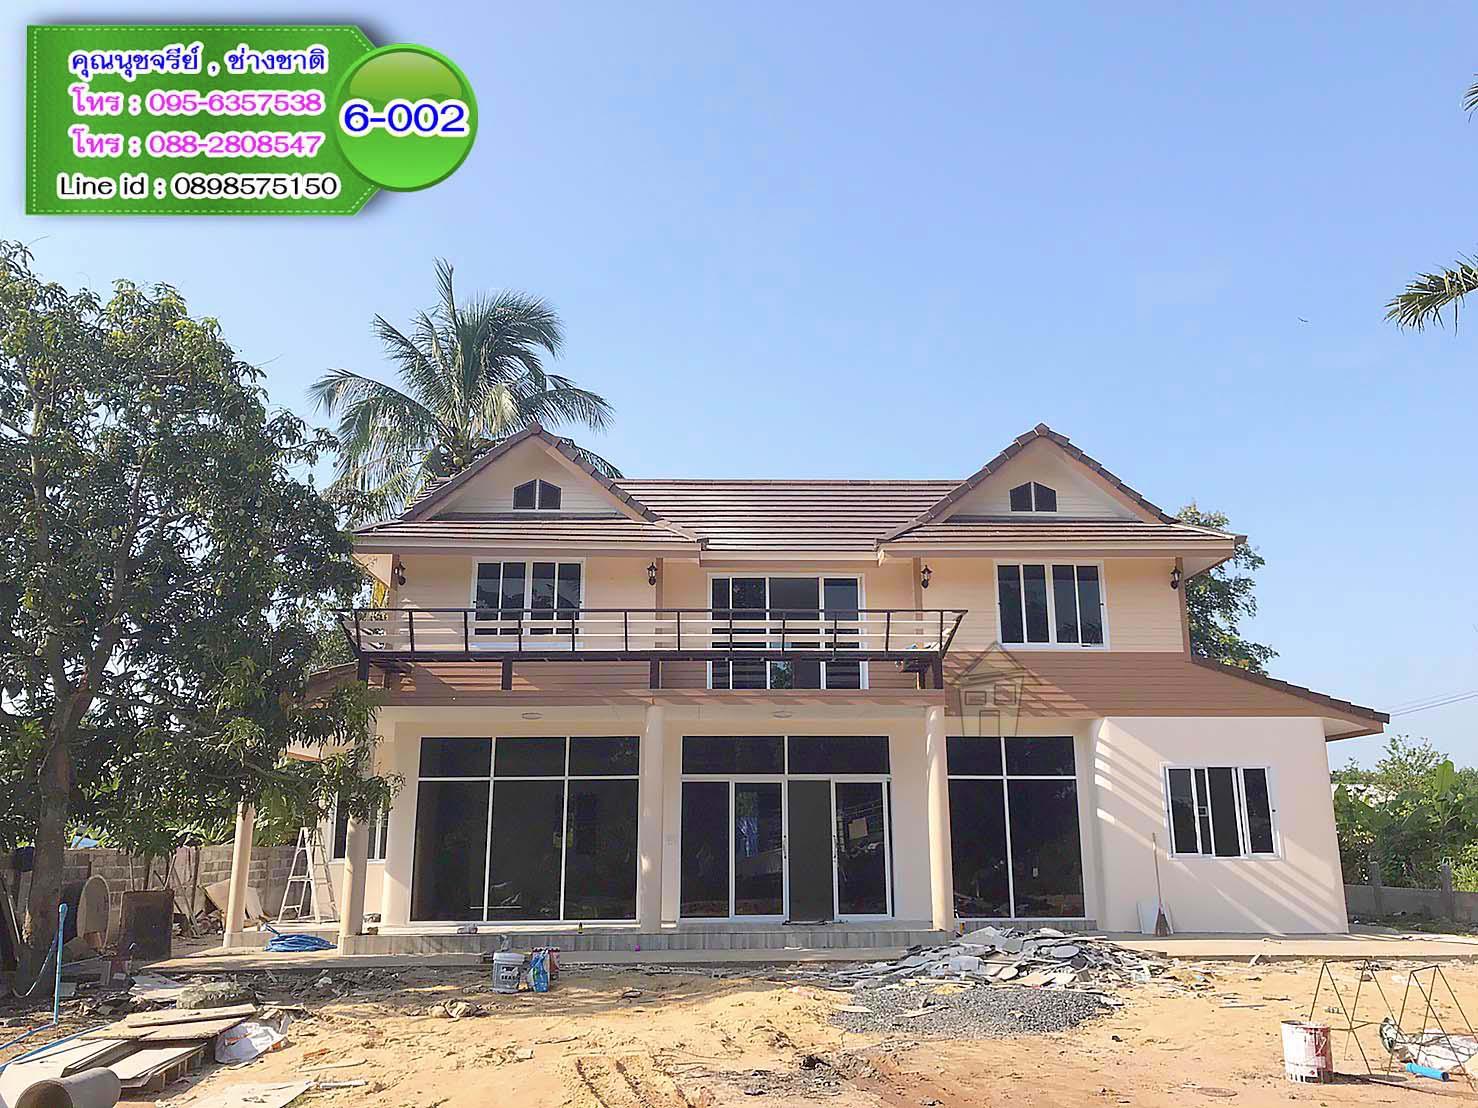 6-002 บ้านน็อคดาวน์ - บ้านหลังใหญ่ - ทรงจั่วมุกซ้อน สำเนา สำเนา